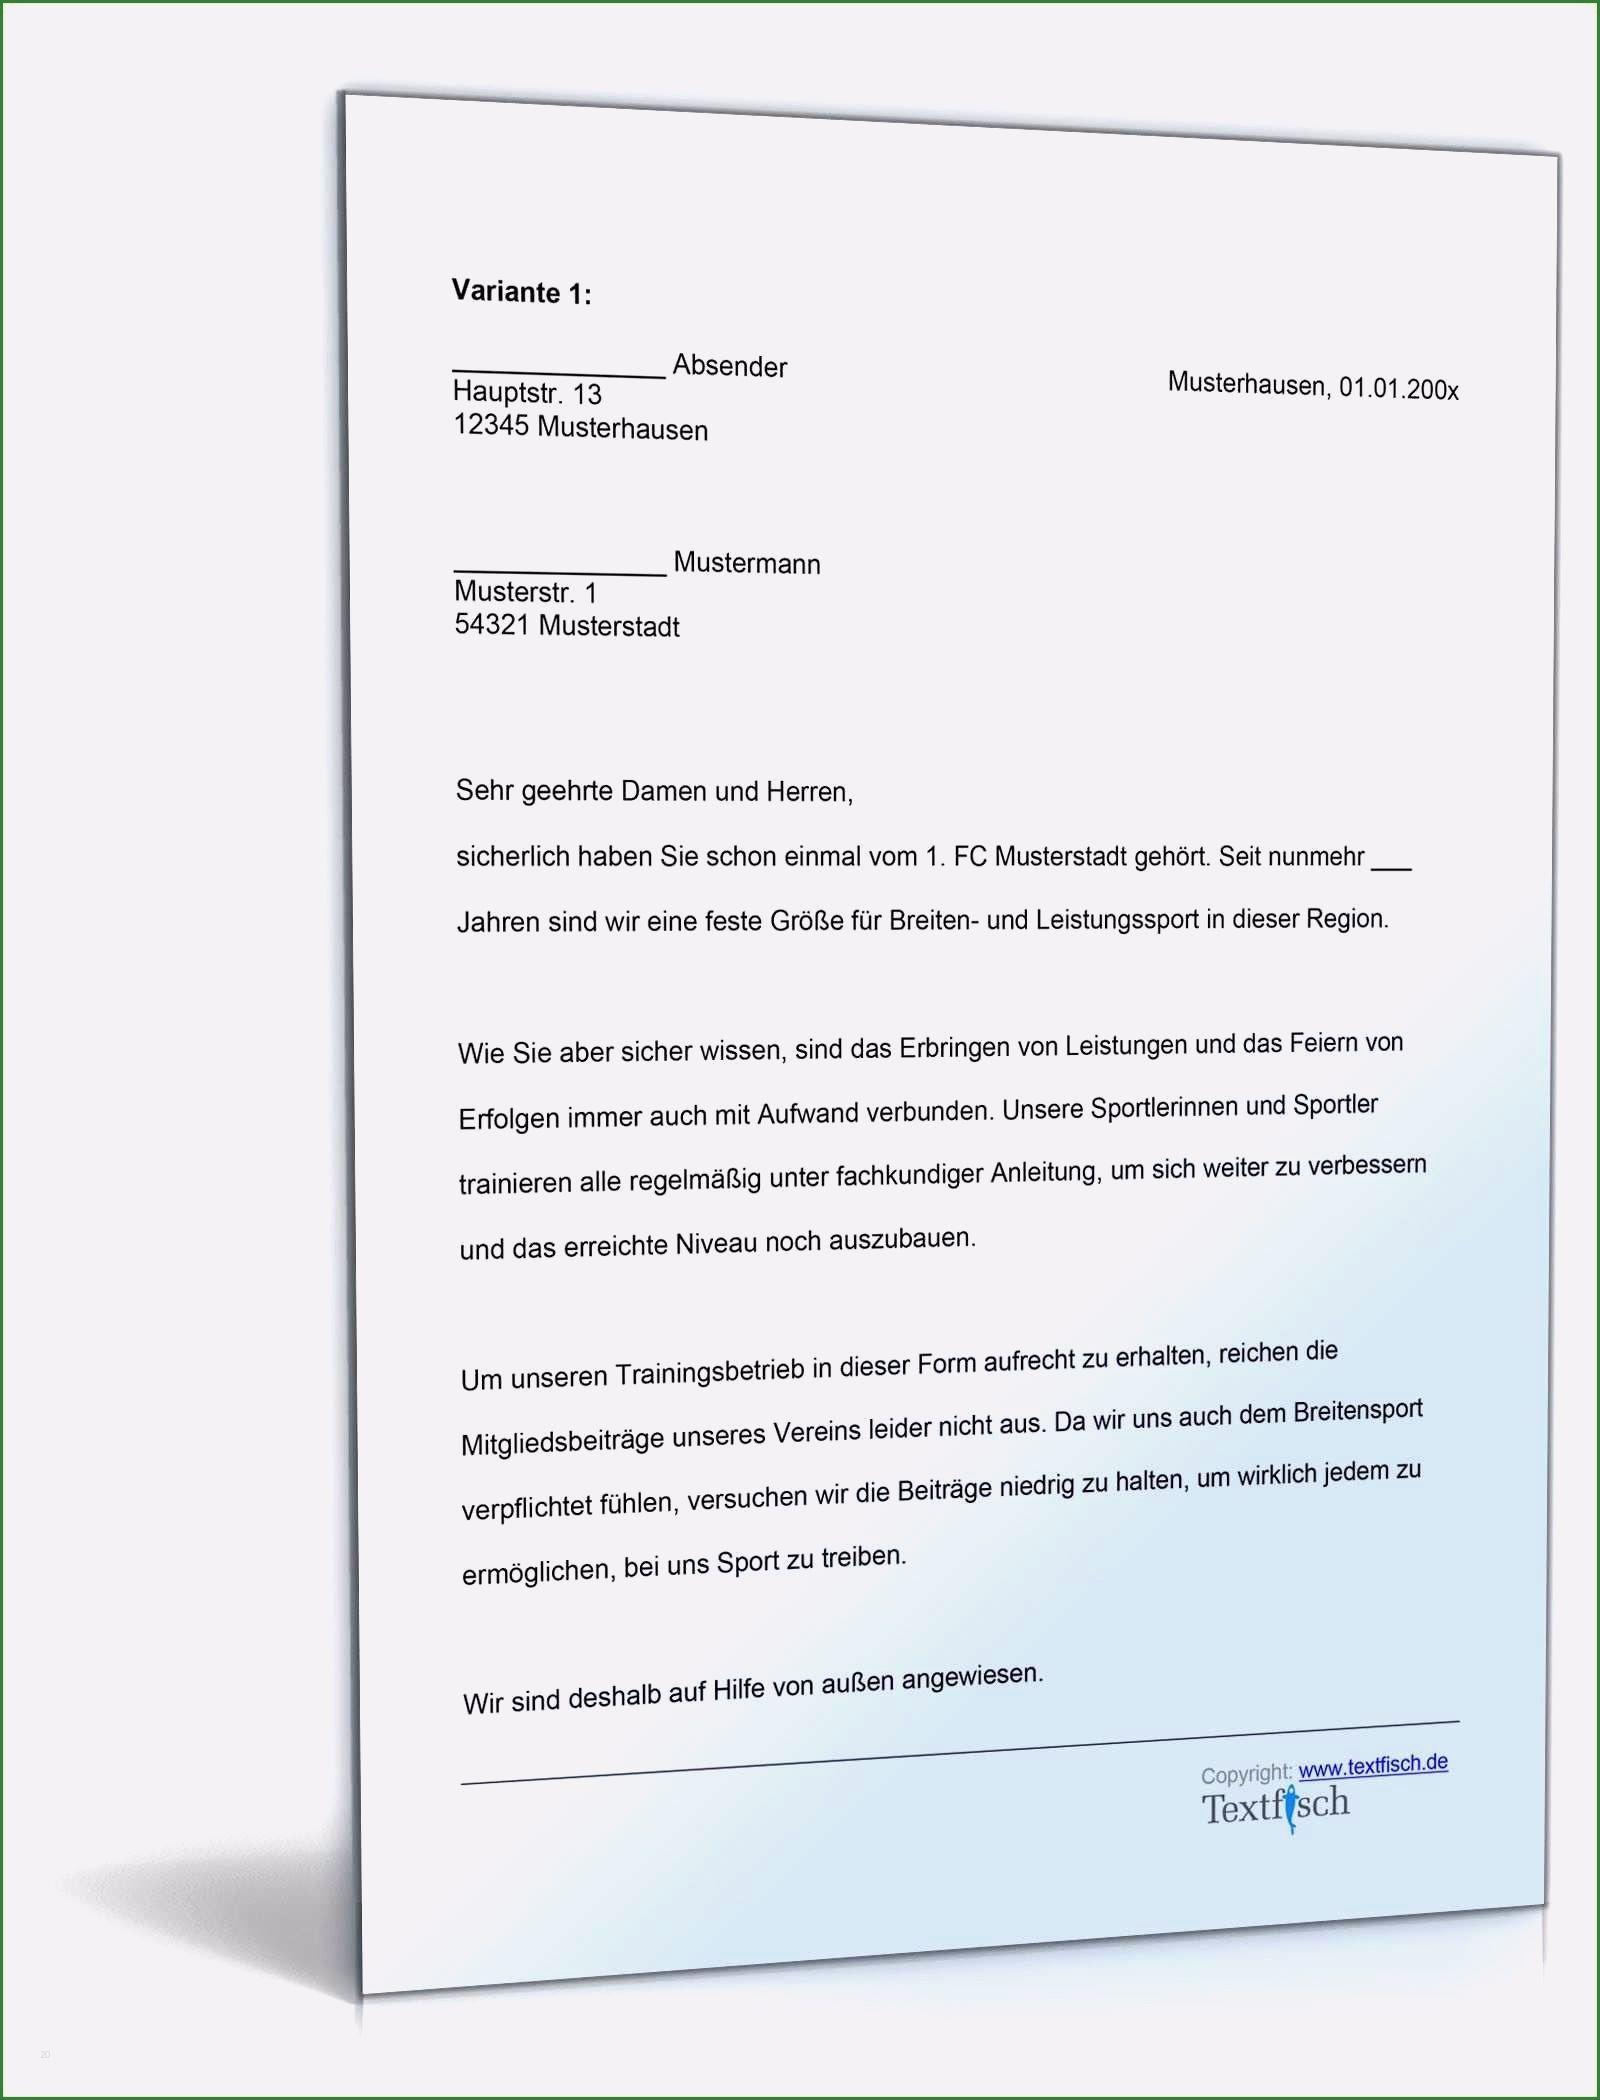 Fuhrend Kundigung Mrs Sporty Vorlage In 2020 In 2020 Vorlagen Briefkopf Vorlage Postkarten